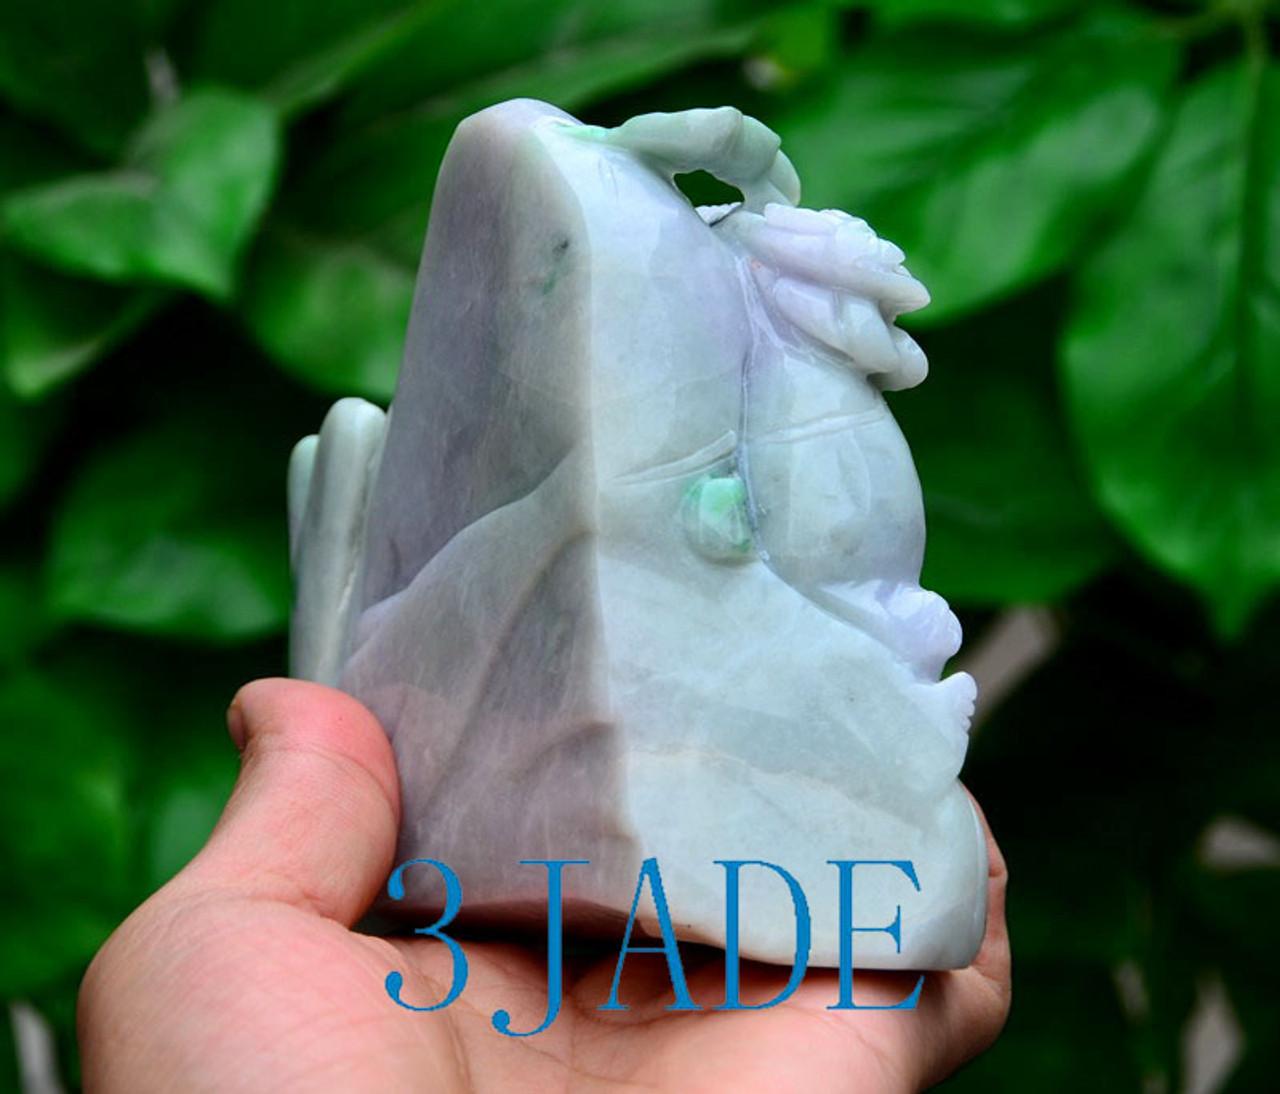 A Grade Jadeite Jade Carving Village Scenery Sculpture w/ certificate